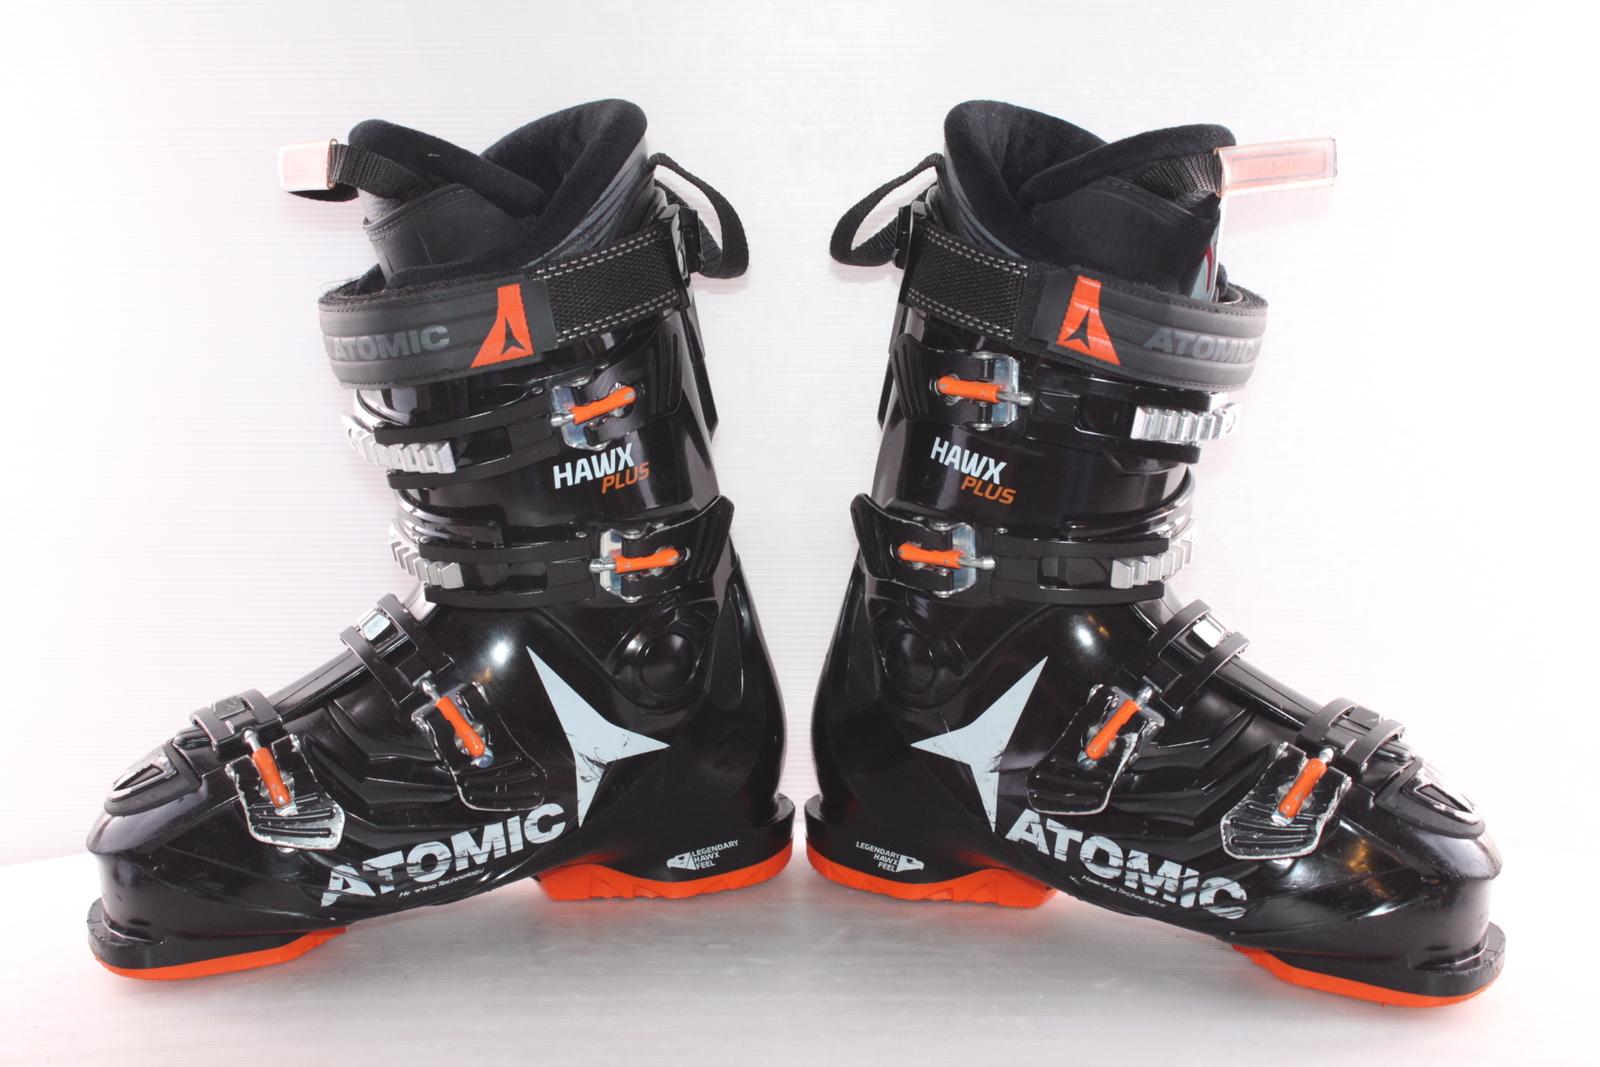 Lyžařské boty Atomic Hawx plus vel. EU42